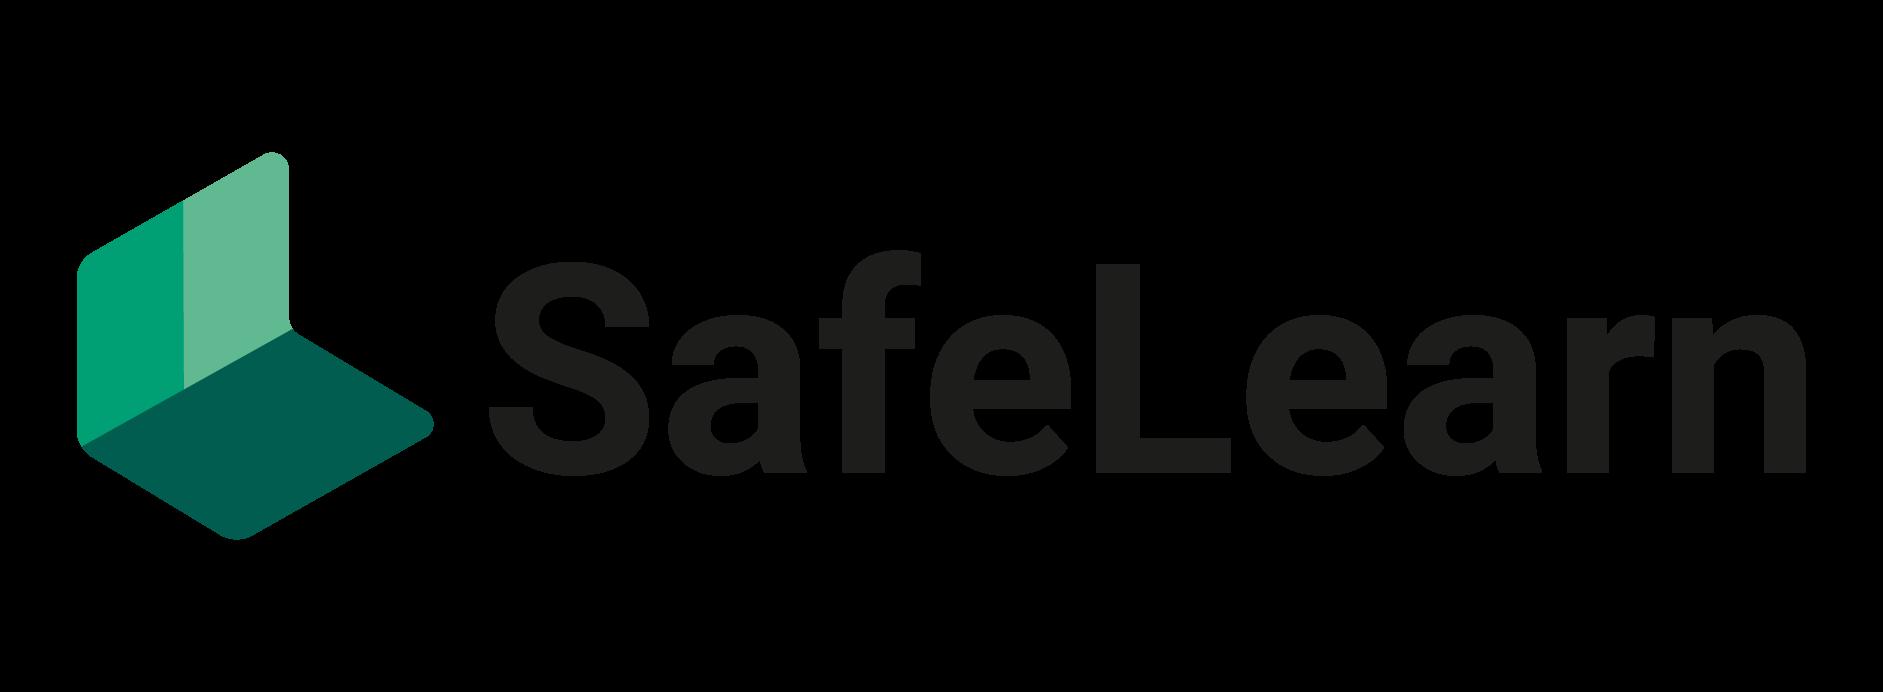 SafeLearn - Full Logo - Colour